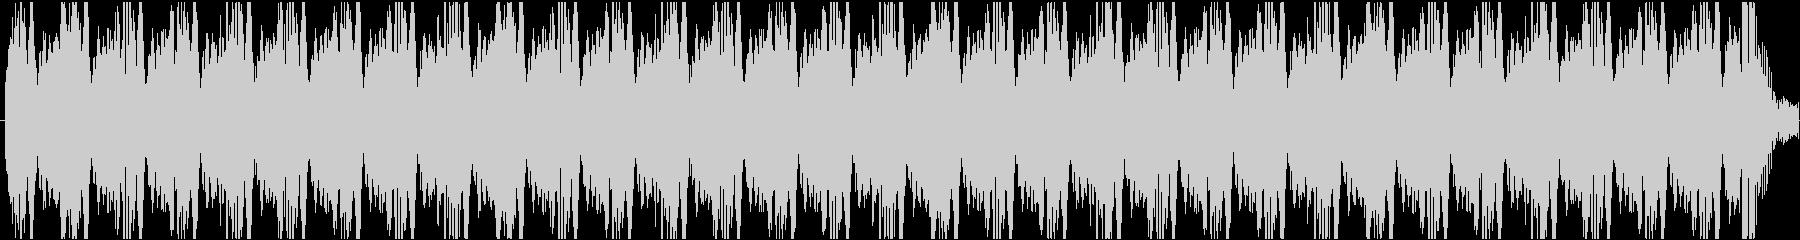 木製打楽器_民族調_ナレーションなどにの未再生の波形